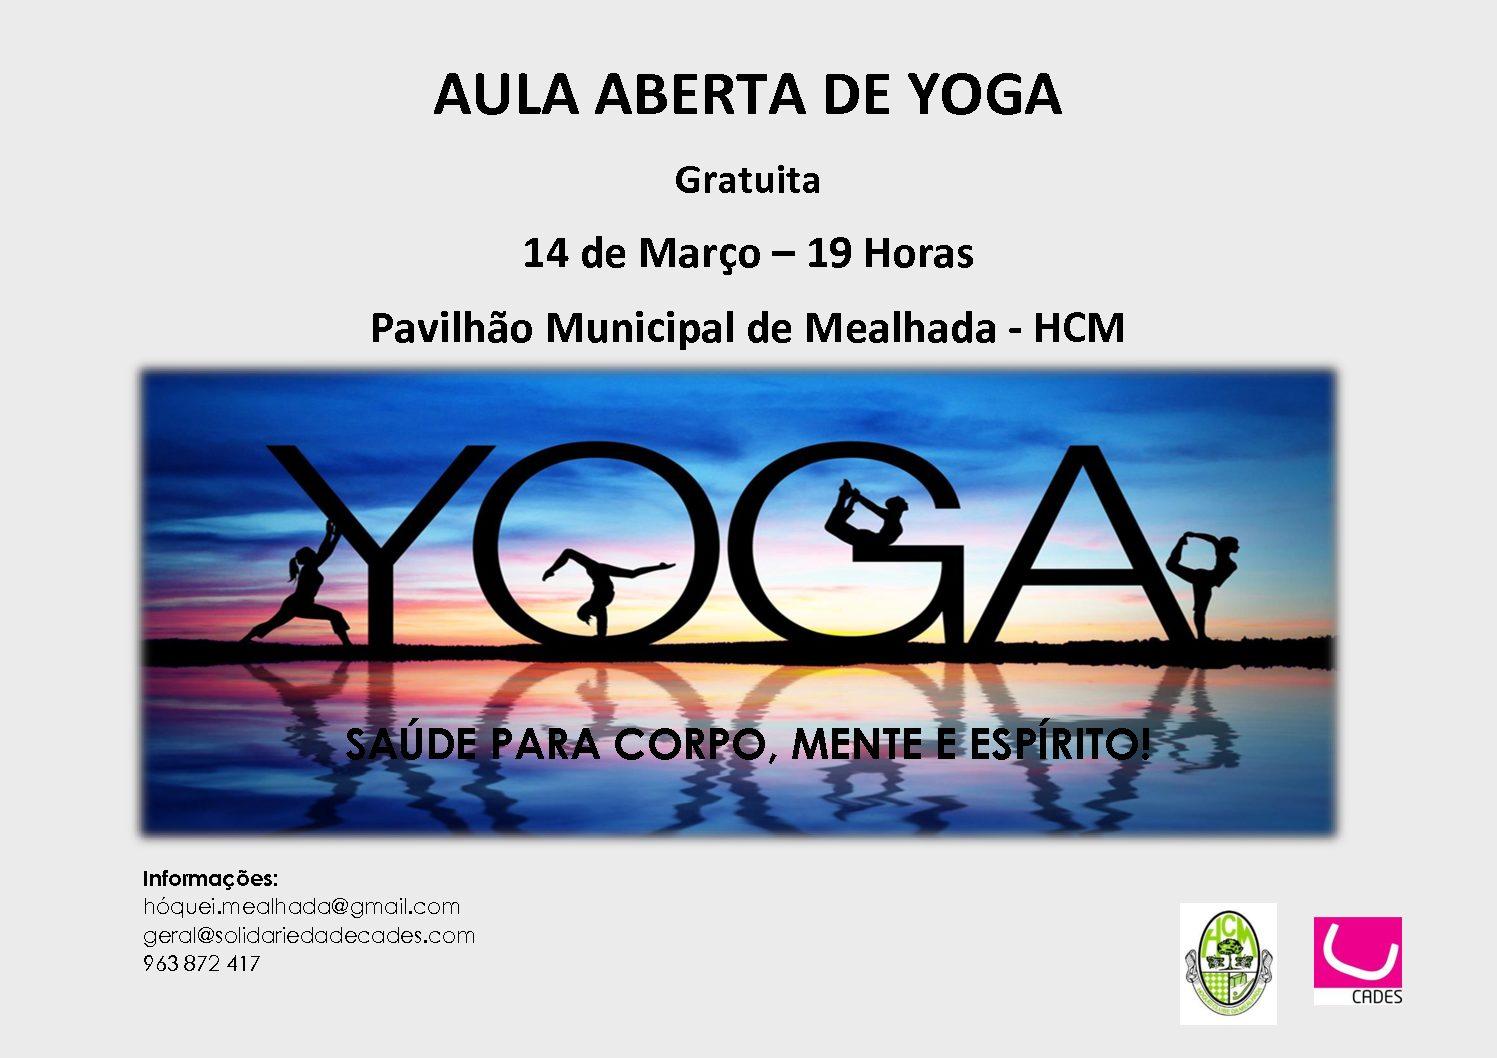 Aula aberta de Yoga no dia 14 de Março no Pavilhão Municipal da Mealhada